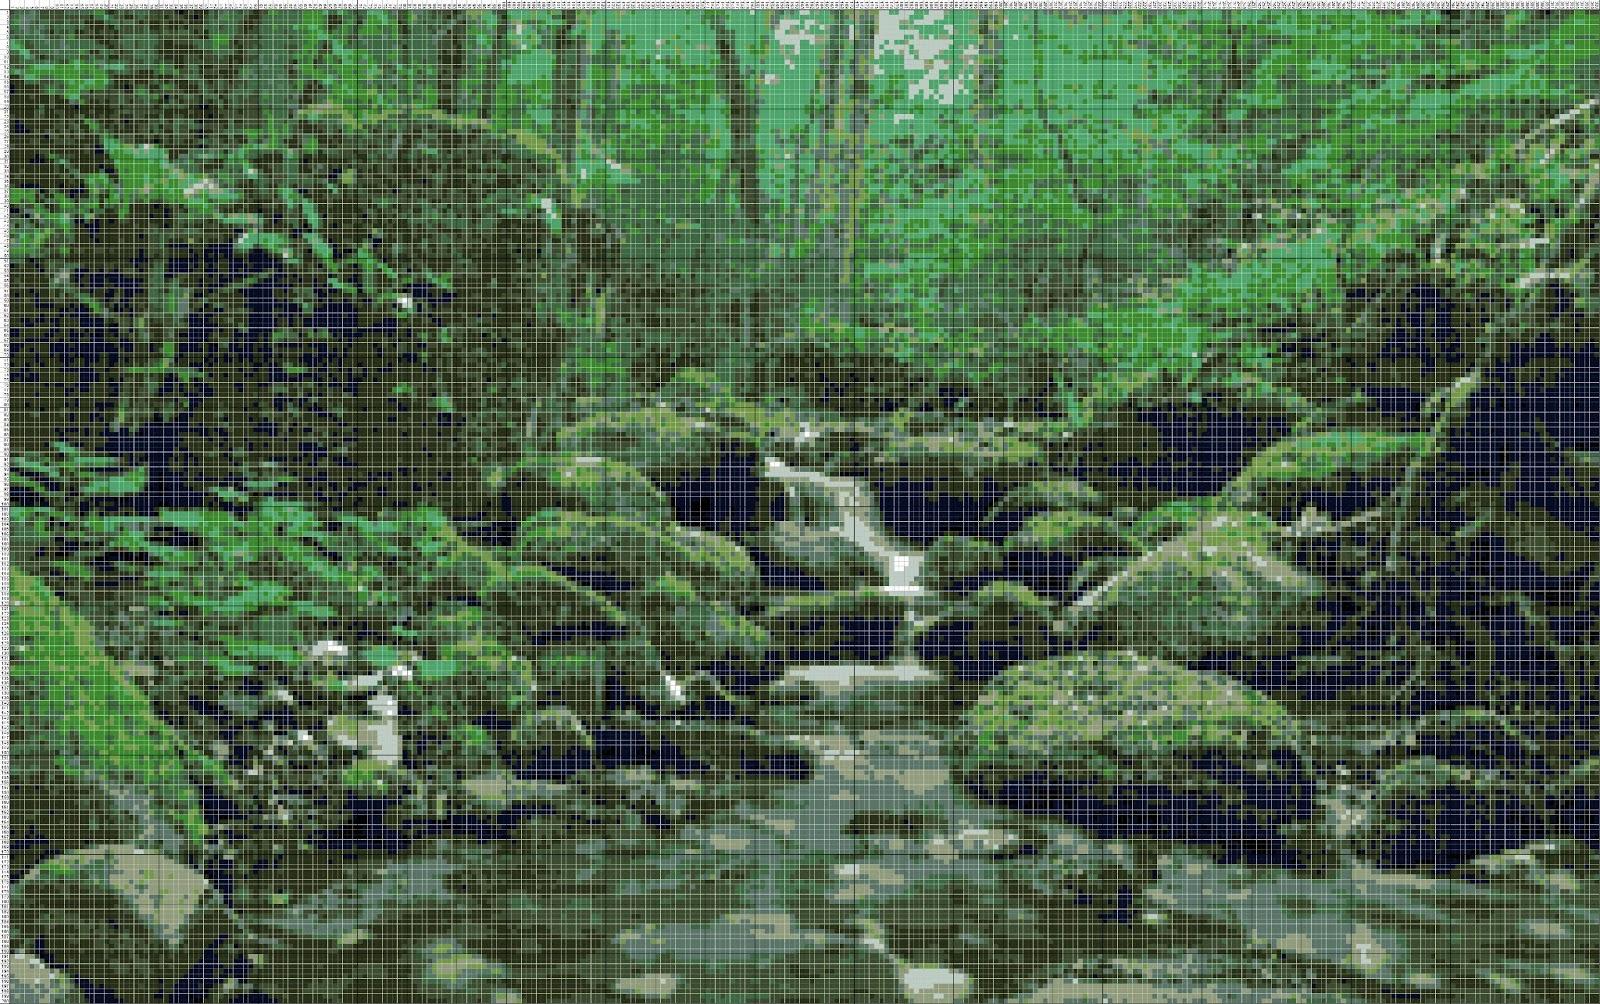 Wallpaper Pemandangan Image Pc Android Iphone And Ipad